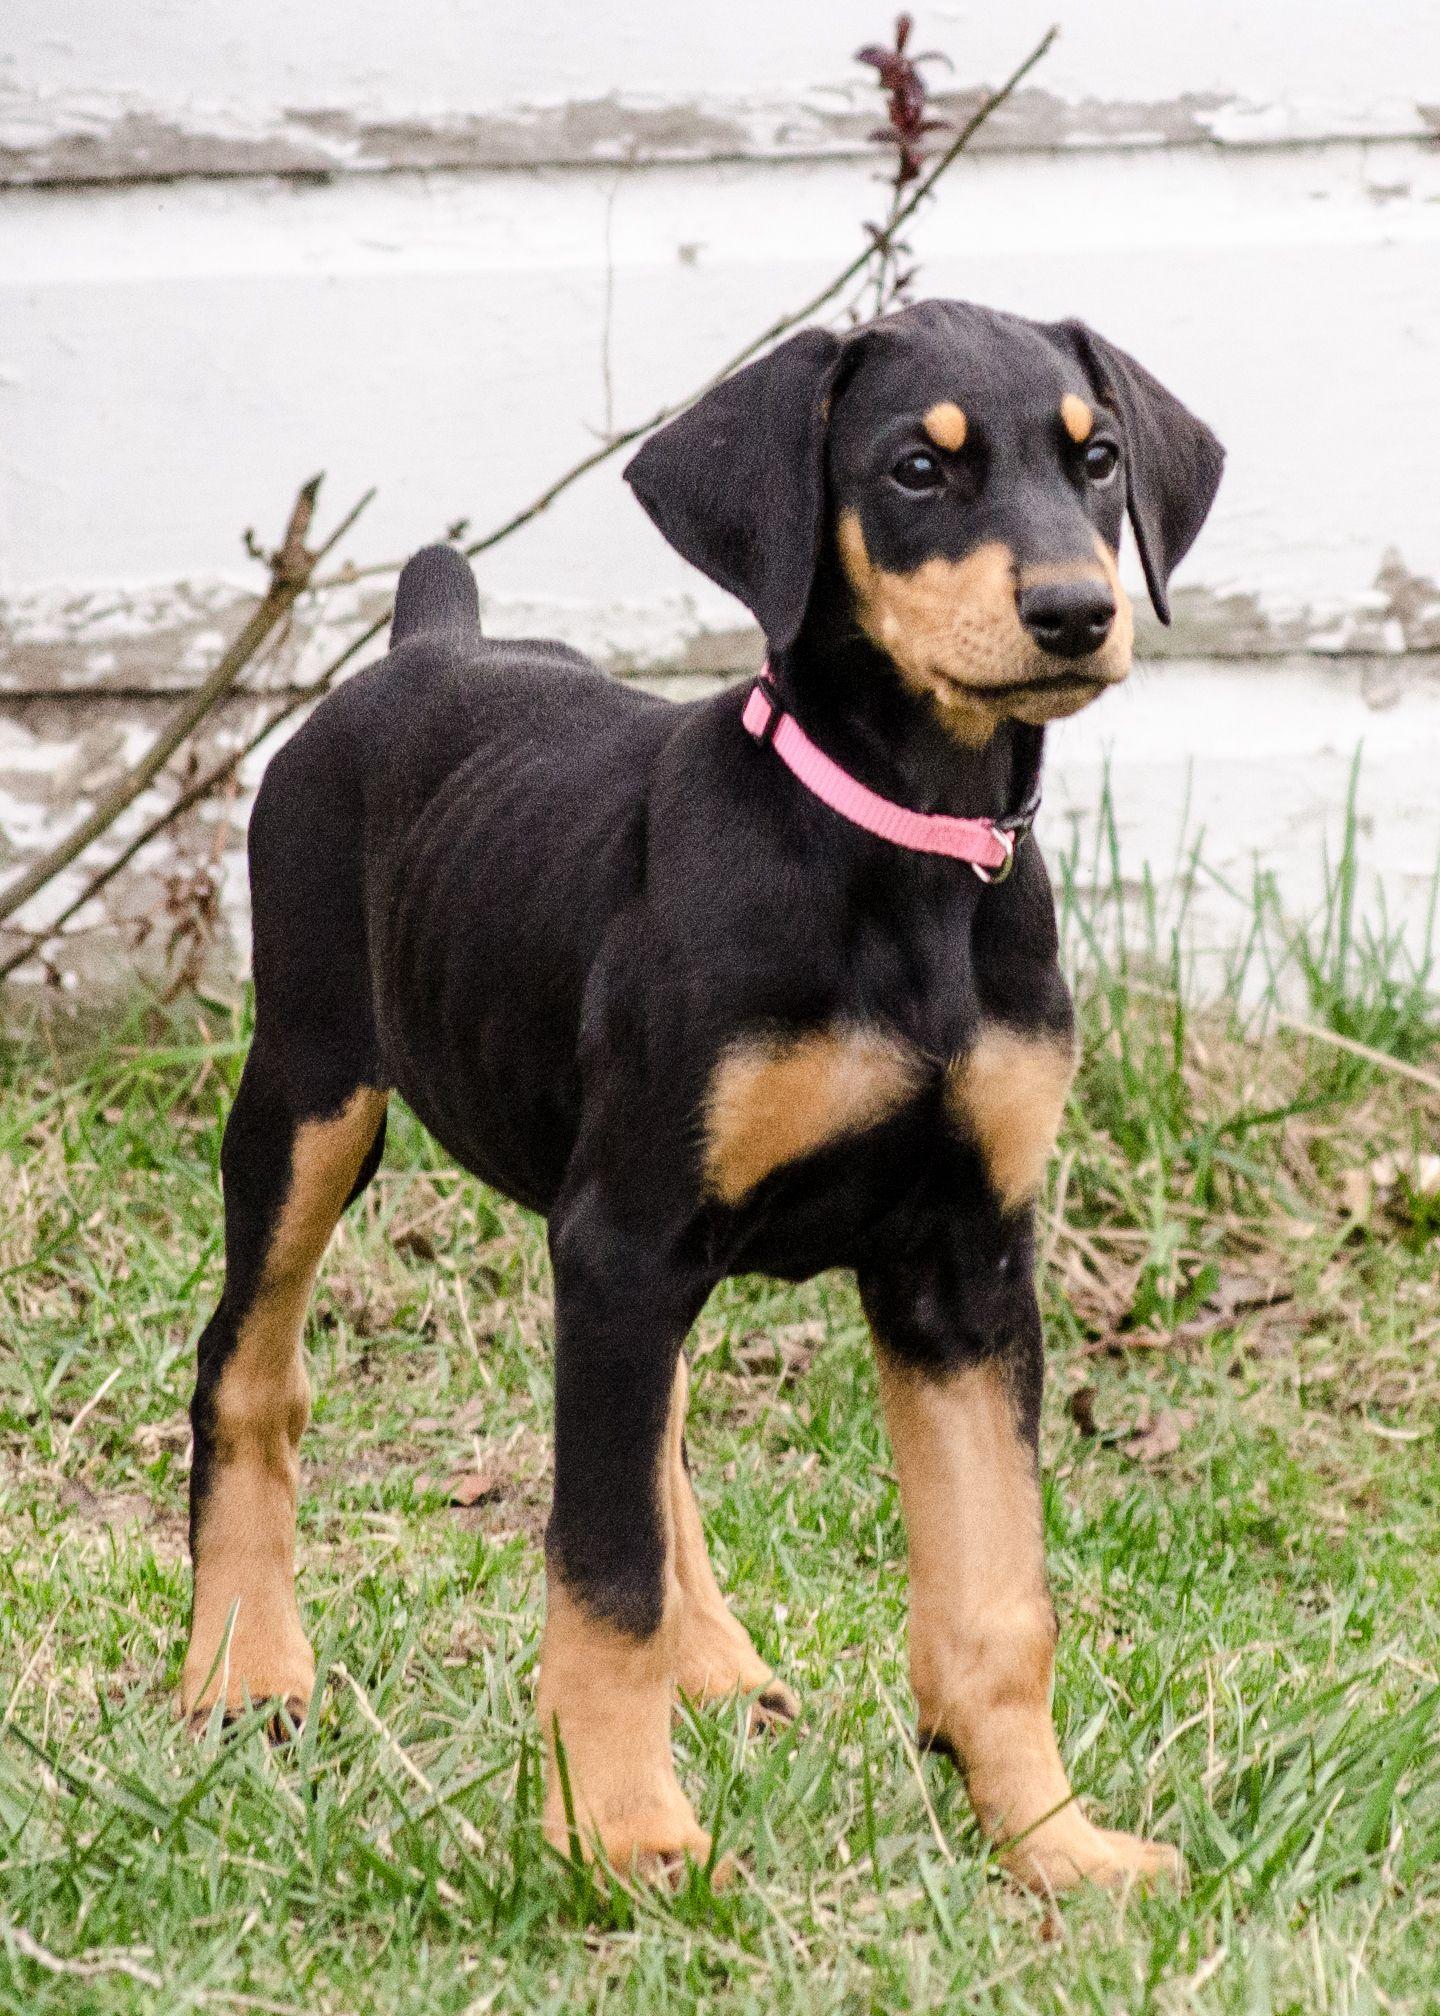 Doberman Pinscher Dog Picture With Images Doberman Pinscher